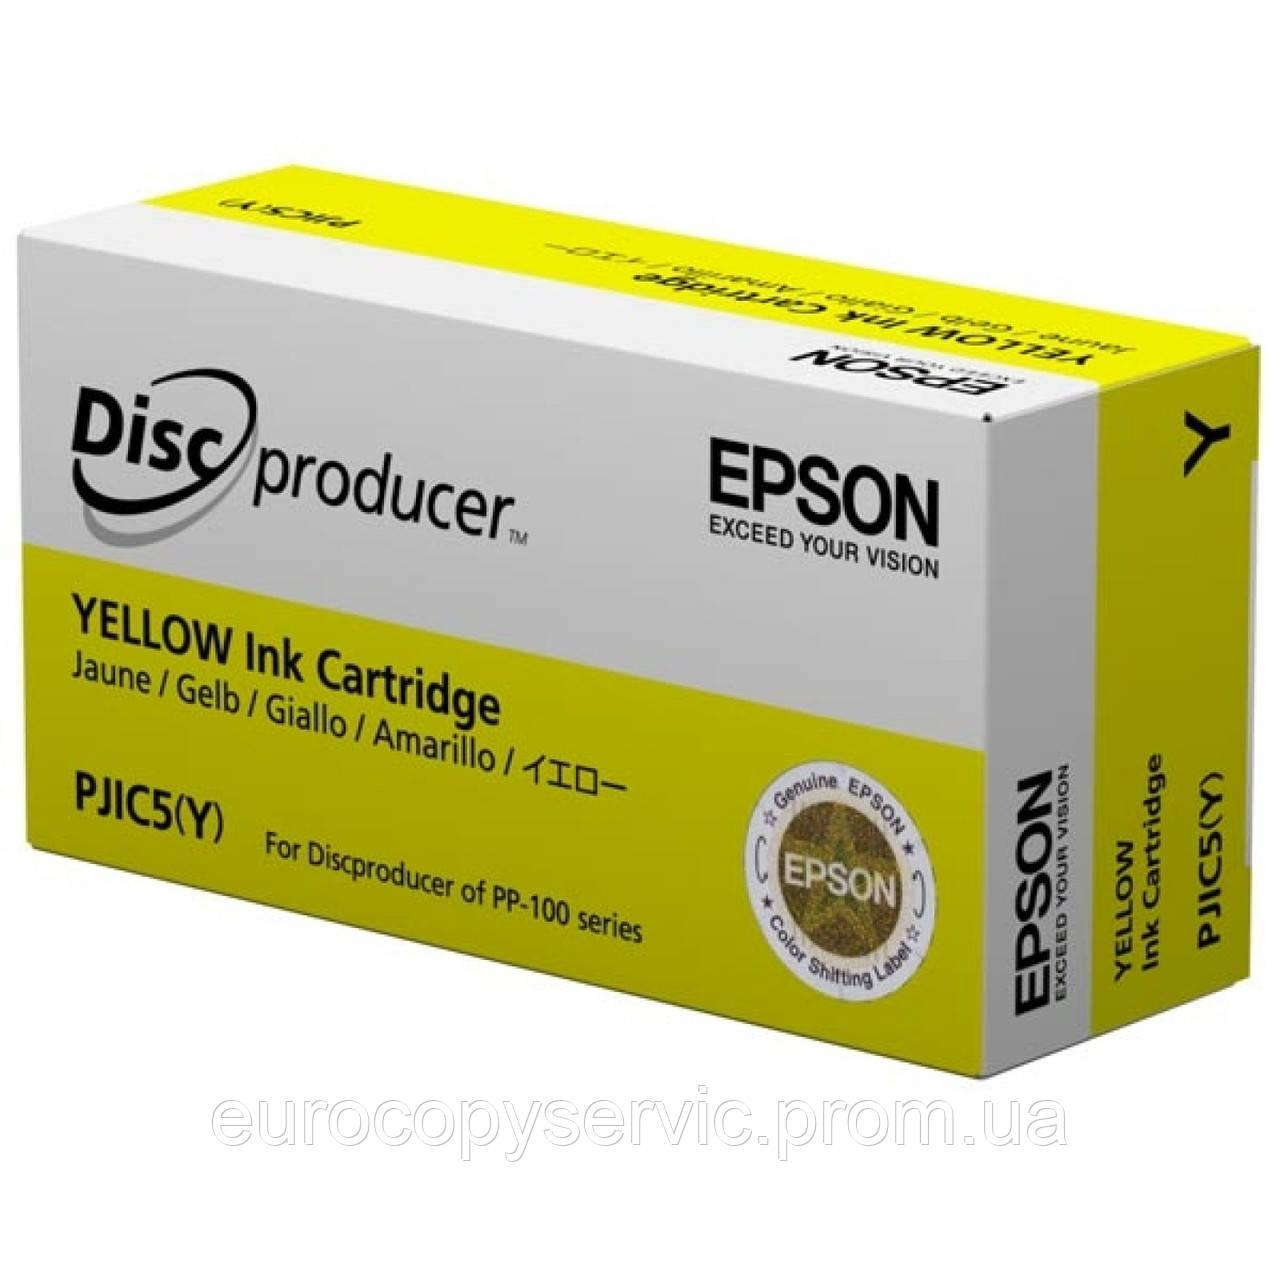 Картридж Epson PP-100 Yellow (C13S020451) Original